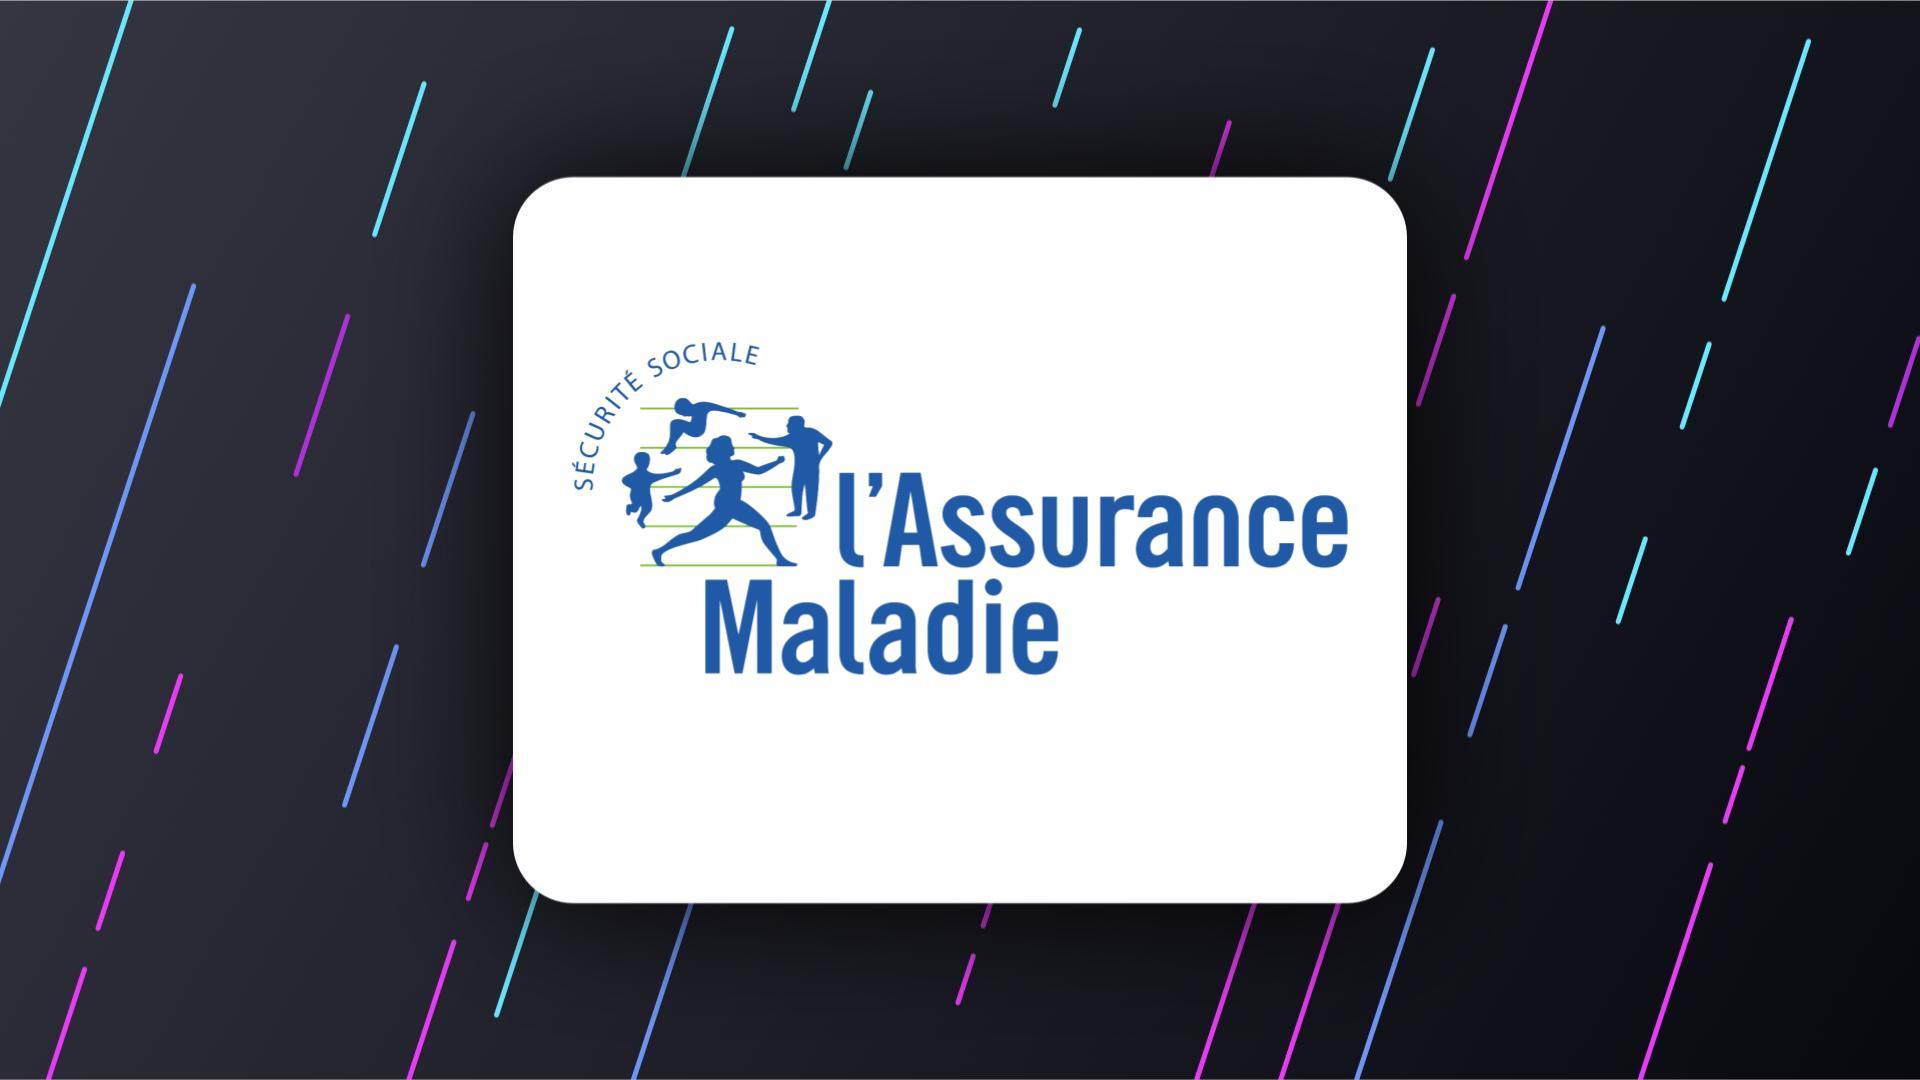 L'Assurance Maladie a communiqué par erreur le statut Covid positif de 3 personnes